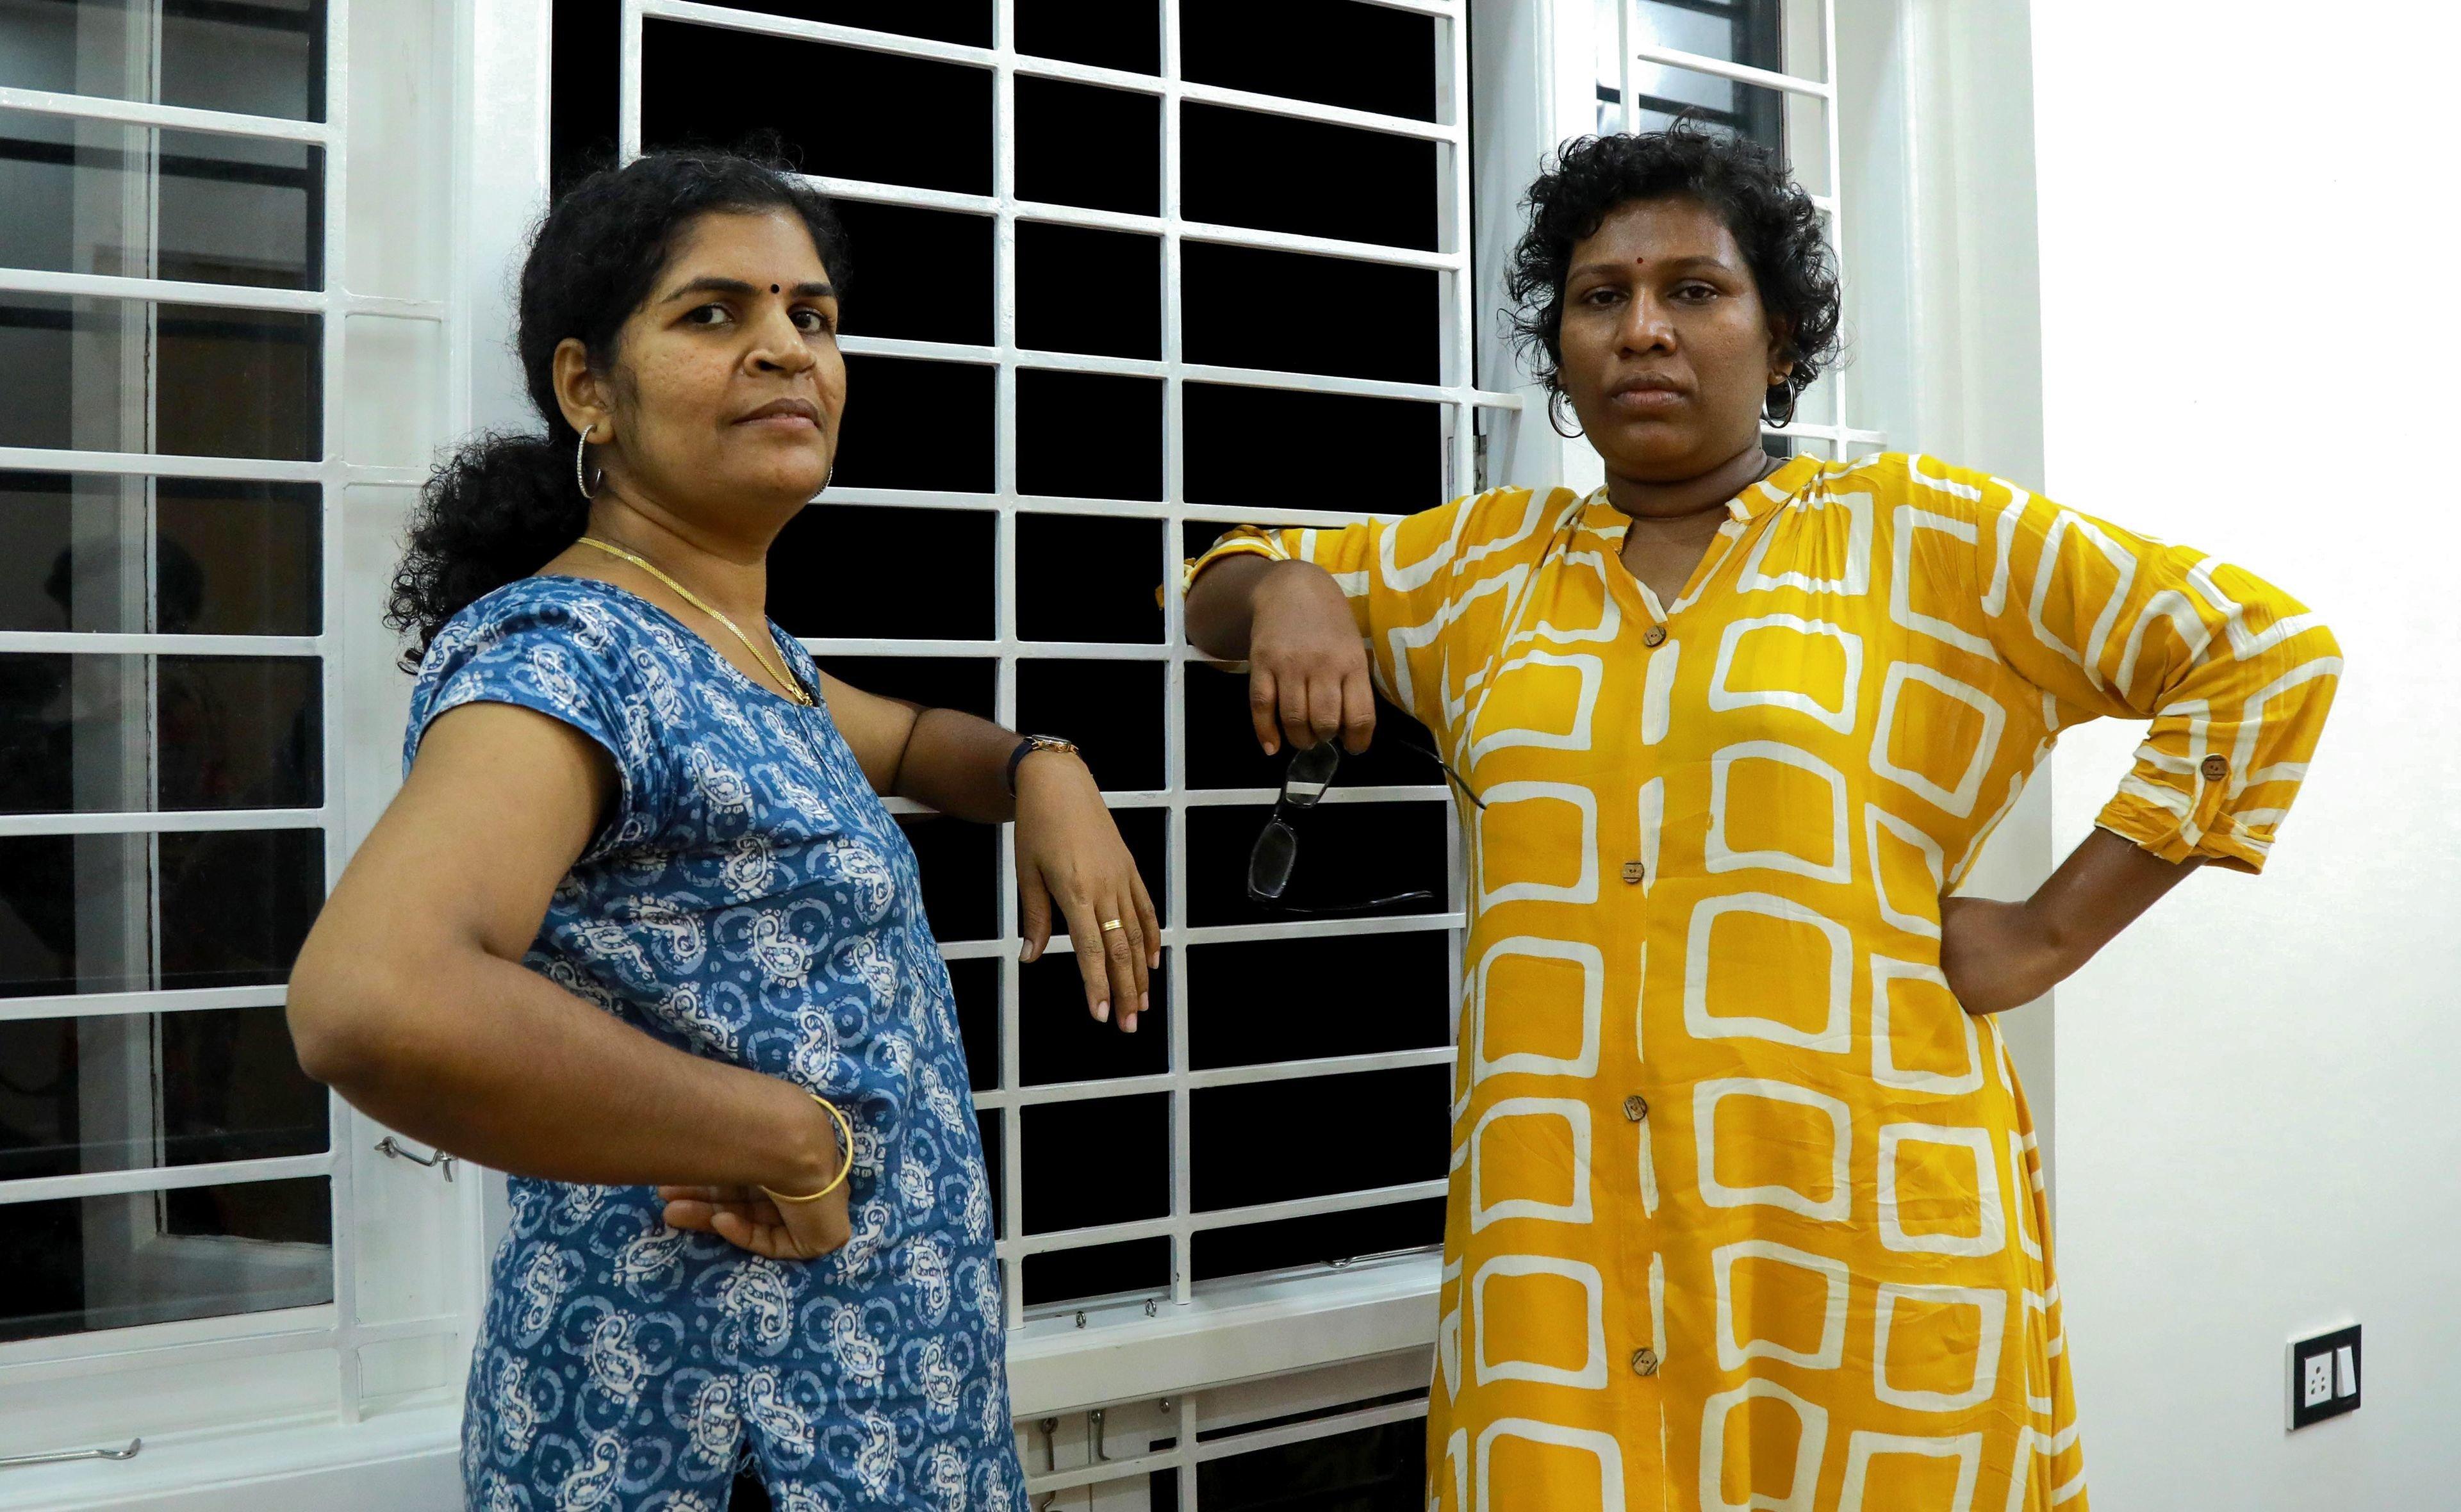 Bindu And Kanakadurga, First Women To Enter Sabarimala, Say They Will Enter Temple